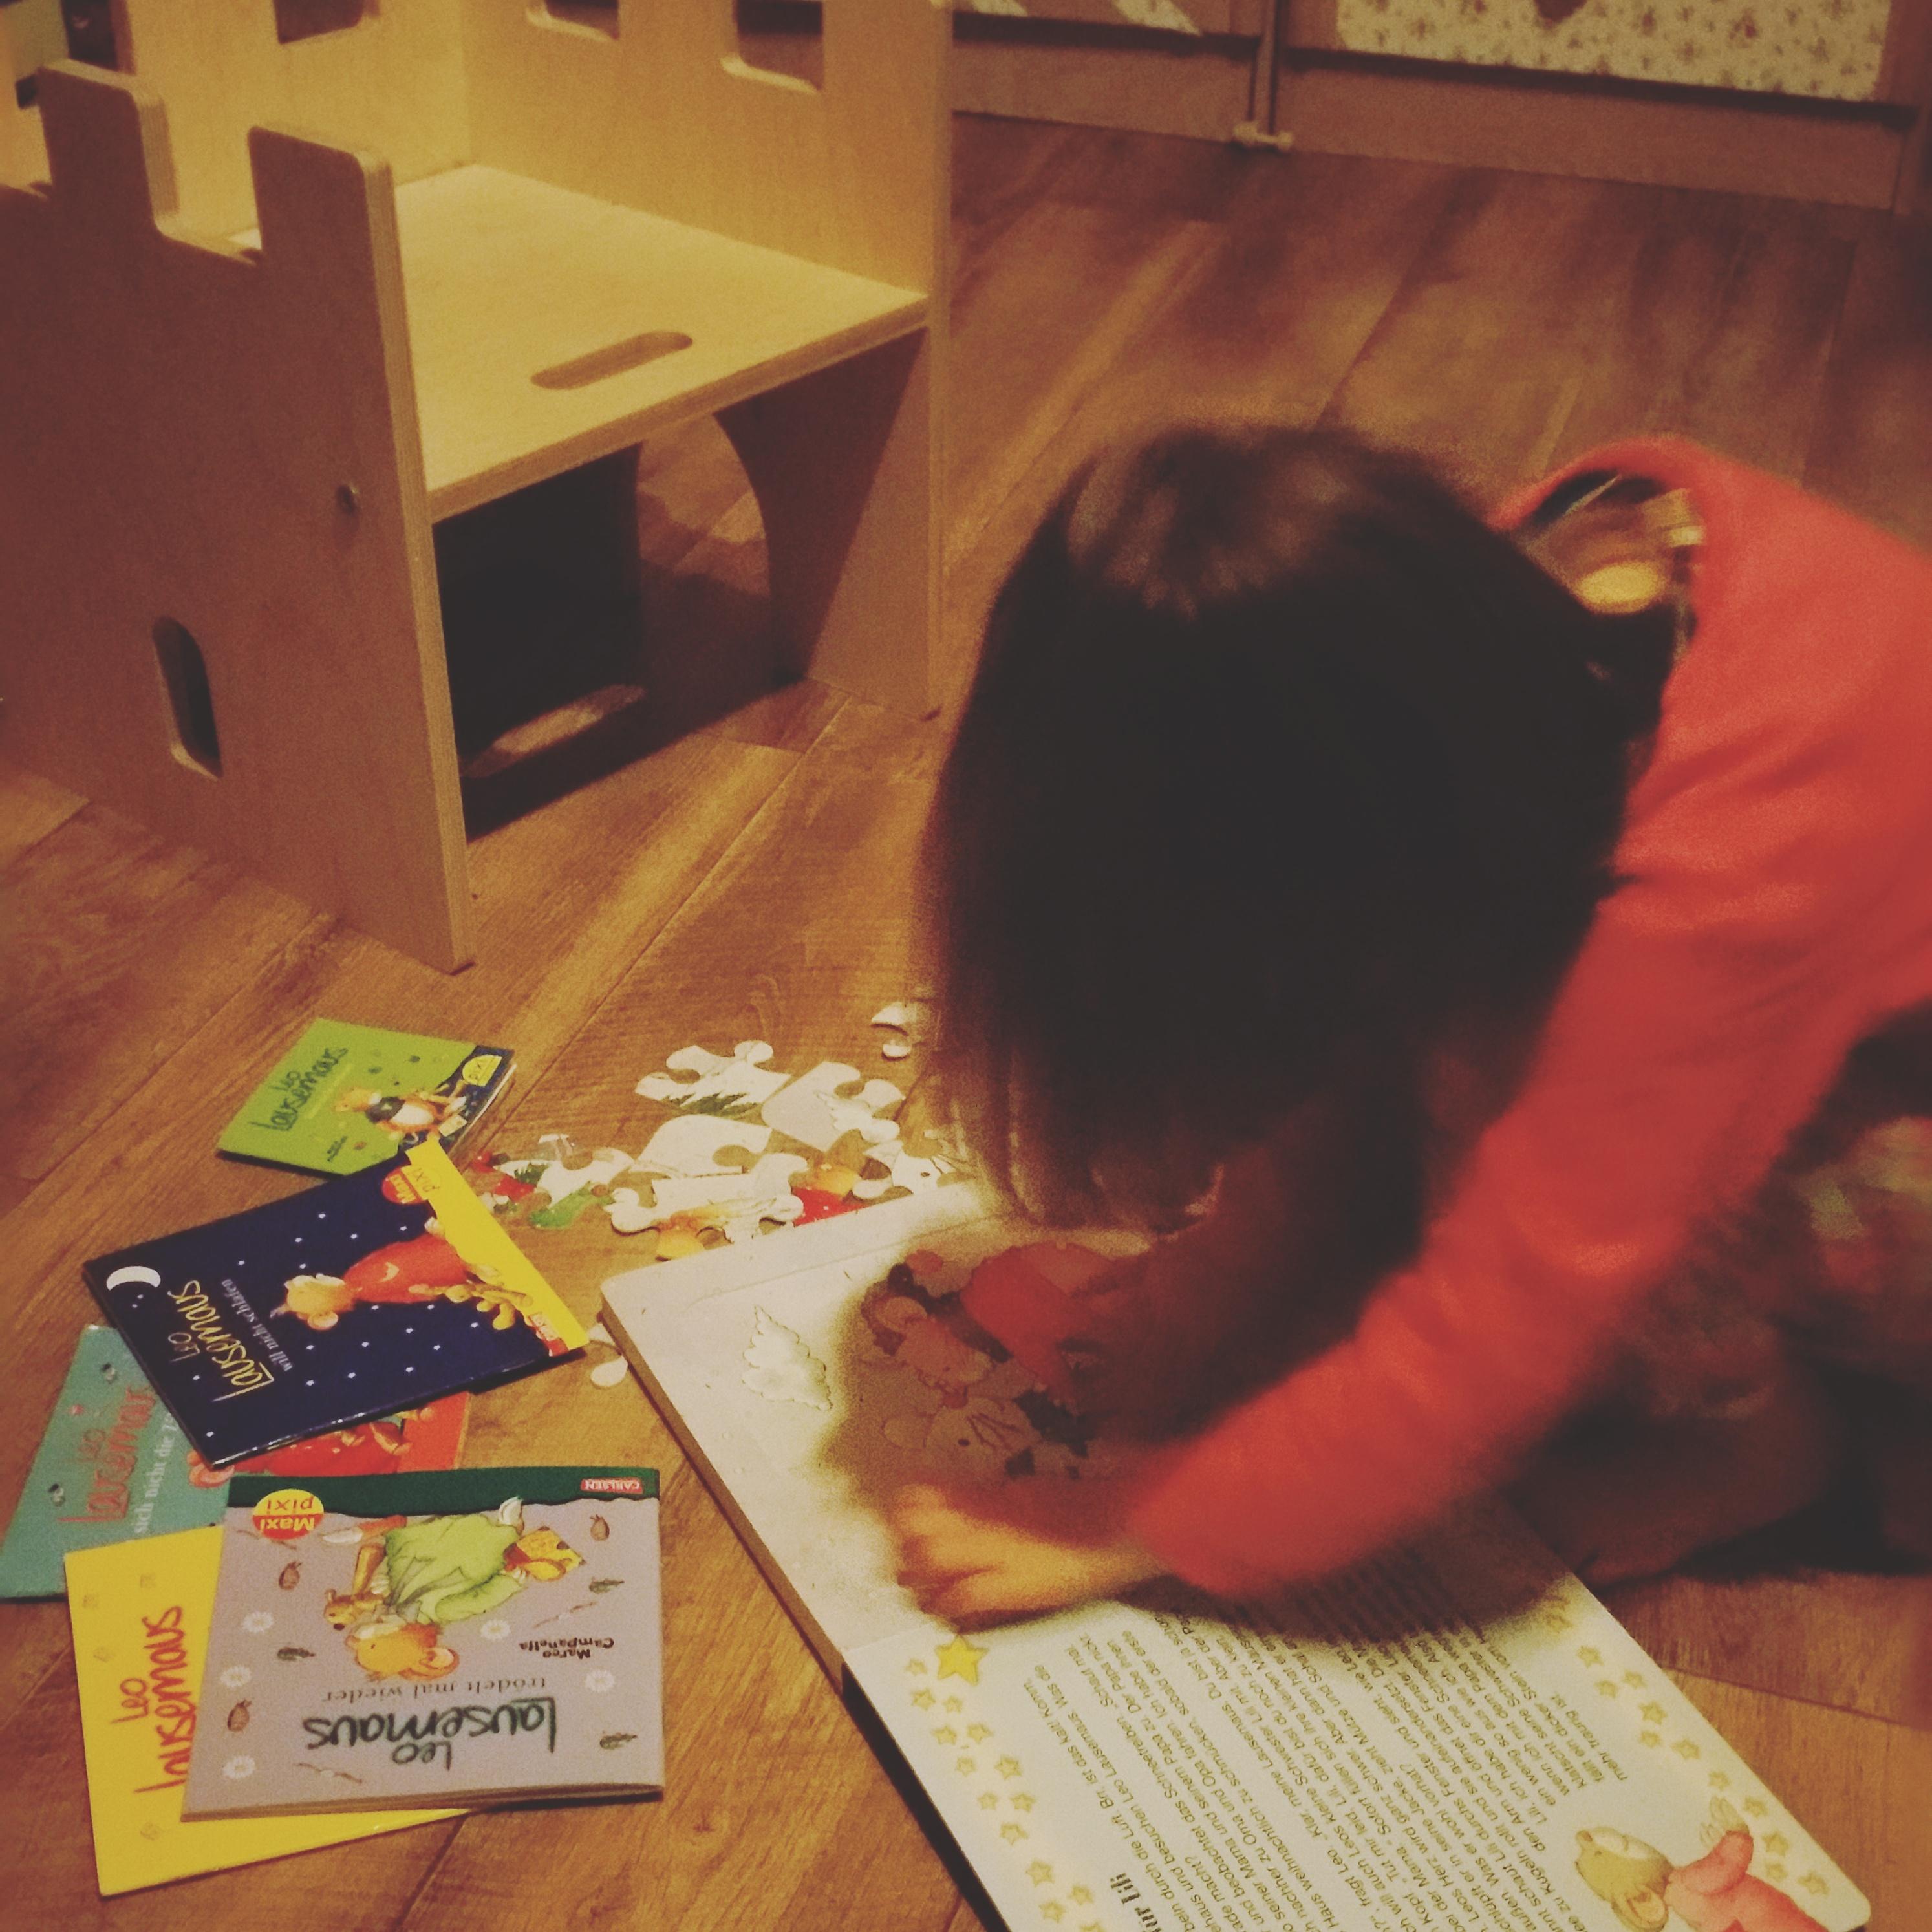 Mini ist genauso begeistert wie ich von Leo Lausemaus und von Ihrem neuen Buch